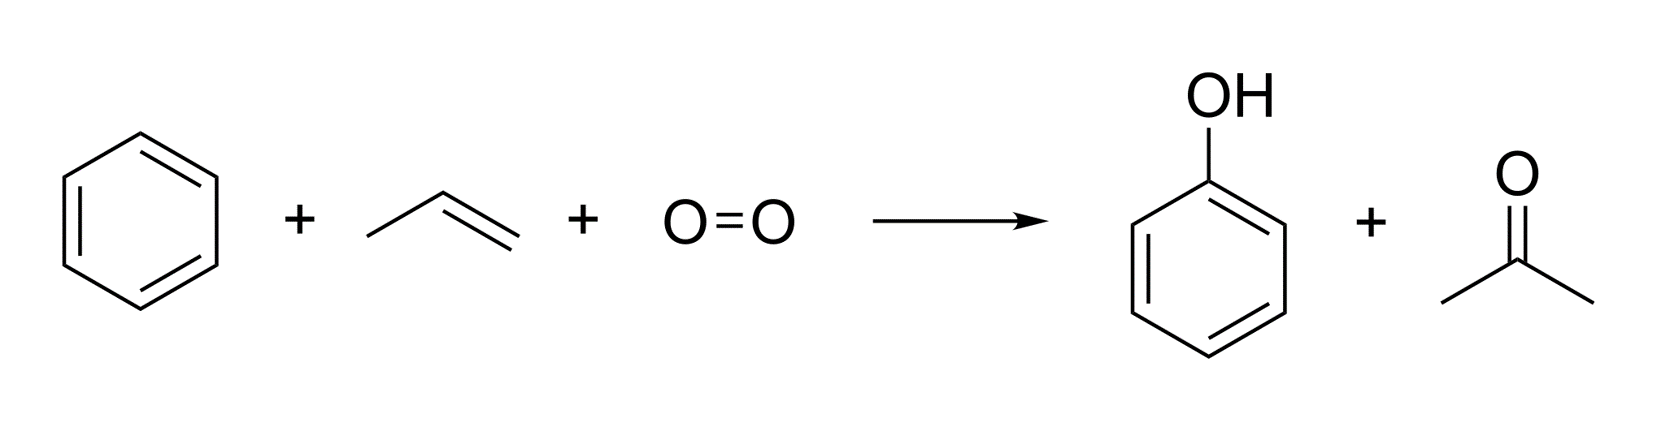 Processo do Cumeno | Laboratório Online